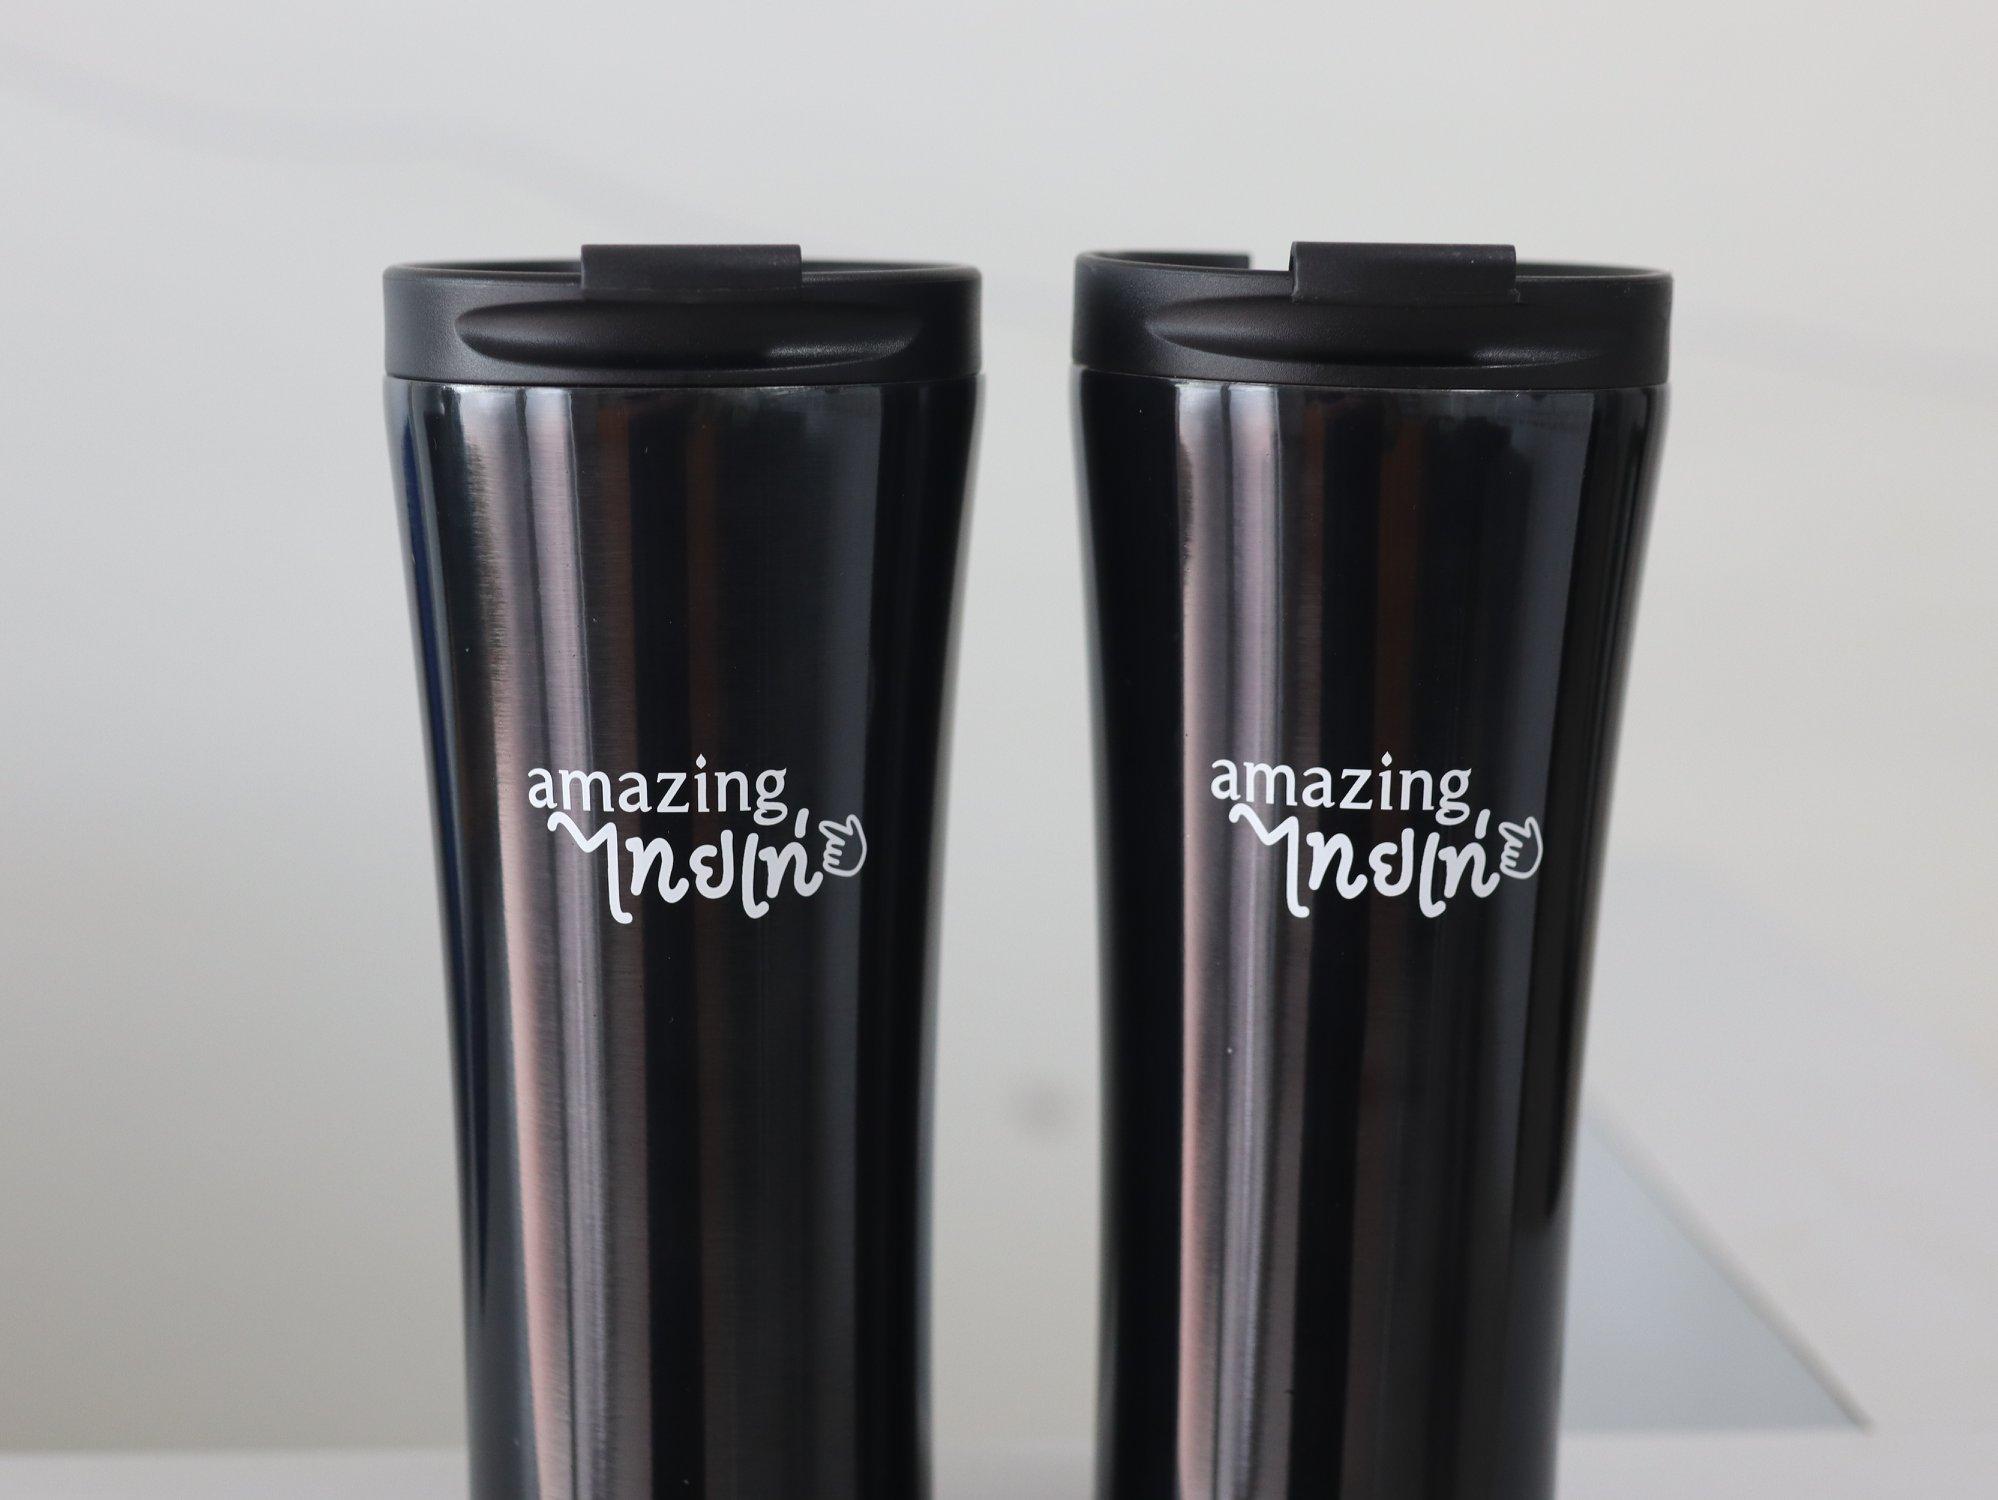 สำหรับเดินทางไปคาเฟ่ที่ไหน เราช่วยกันลดแก้วพลาสติก หลายๆร้านมีโปรโมชั่นสำหรับพาแก้วไปเองลดด้วยอะไรด้วย แอดมีแก้วสวยๆด้วยแหละ จาก TAT ททท. สำนักงานสตูล Amazing ไทยเท่ มีกิจกรรมแจกอยู่ด้วยน้าาา ในเพจแอดมินนี่แหละ ลองเลื่อนดูนะ อิอิคาเฟ่,สตูล,เด็ด,จุดเช็คอิน,อร่อย,ร้านอาหาร,จุดถ่ายรูป,สถานที่ท่องเที่ยว